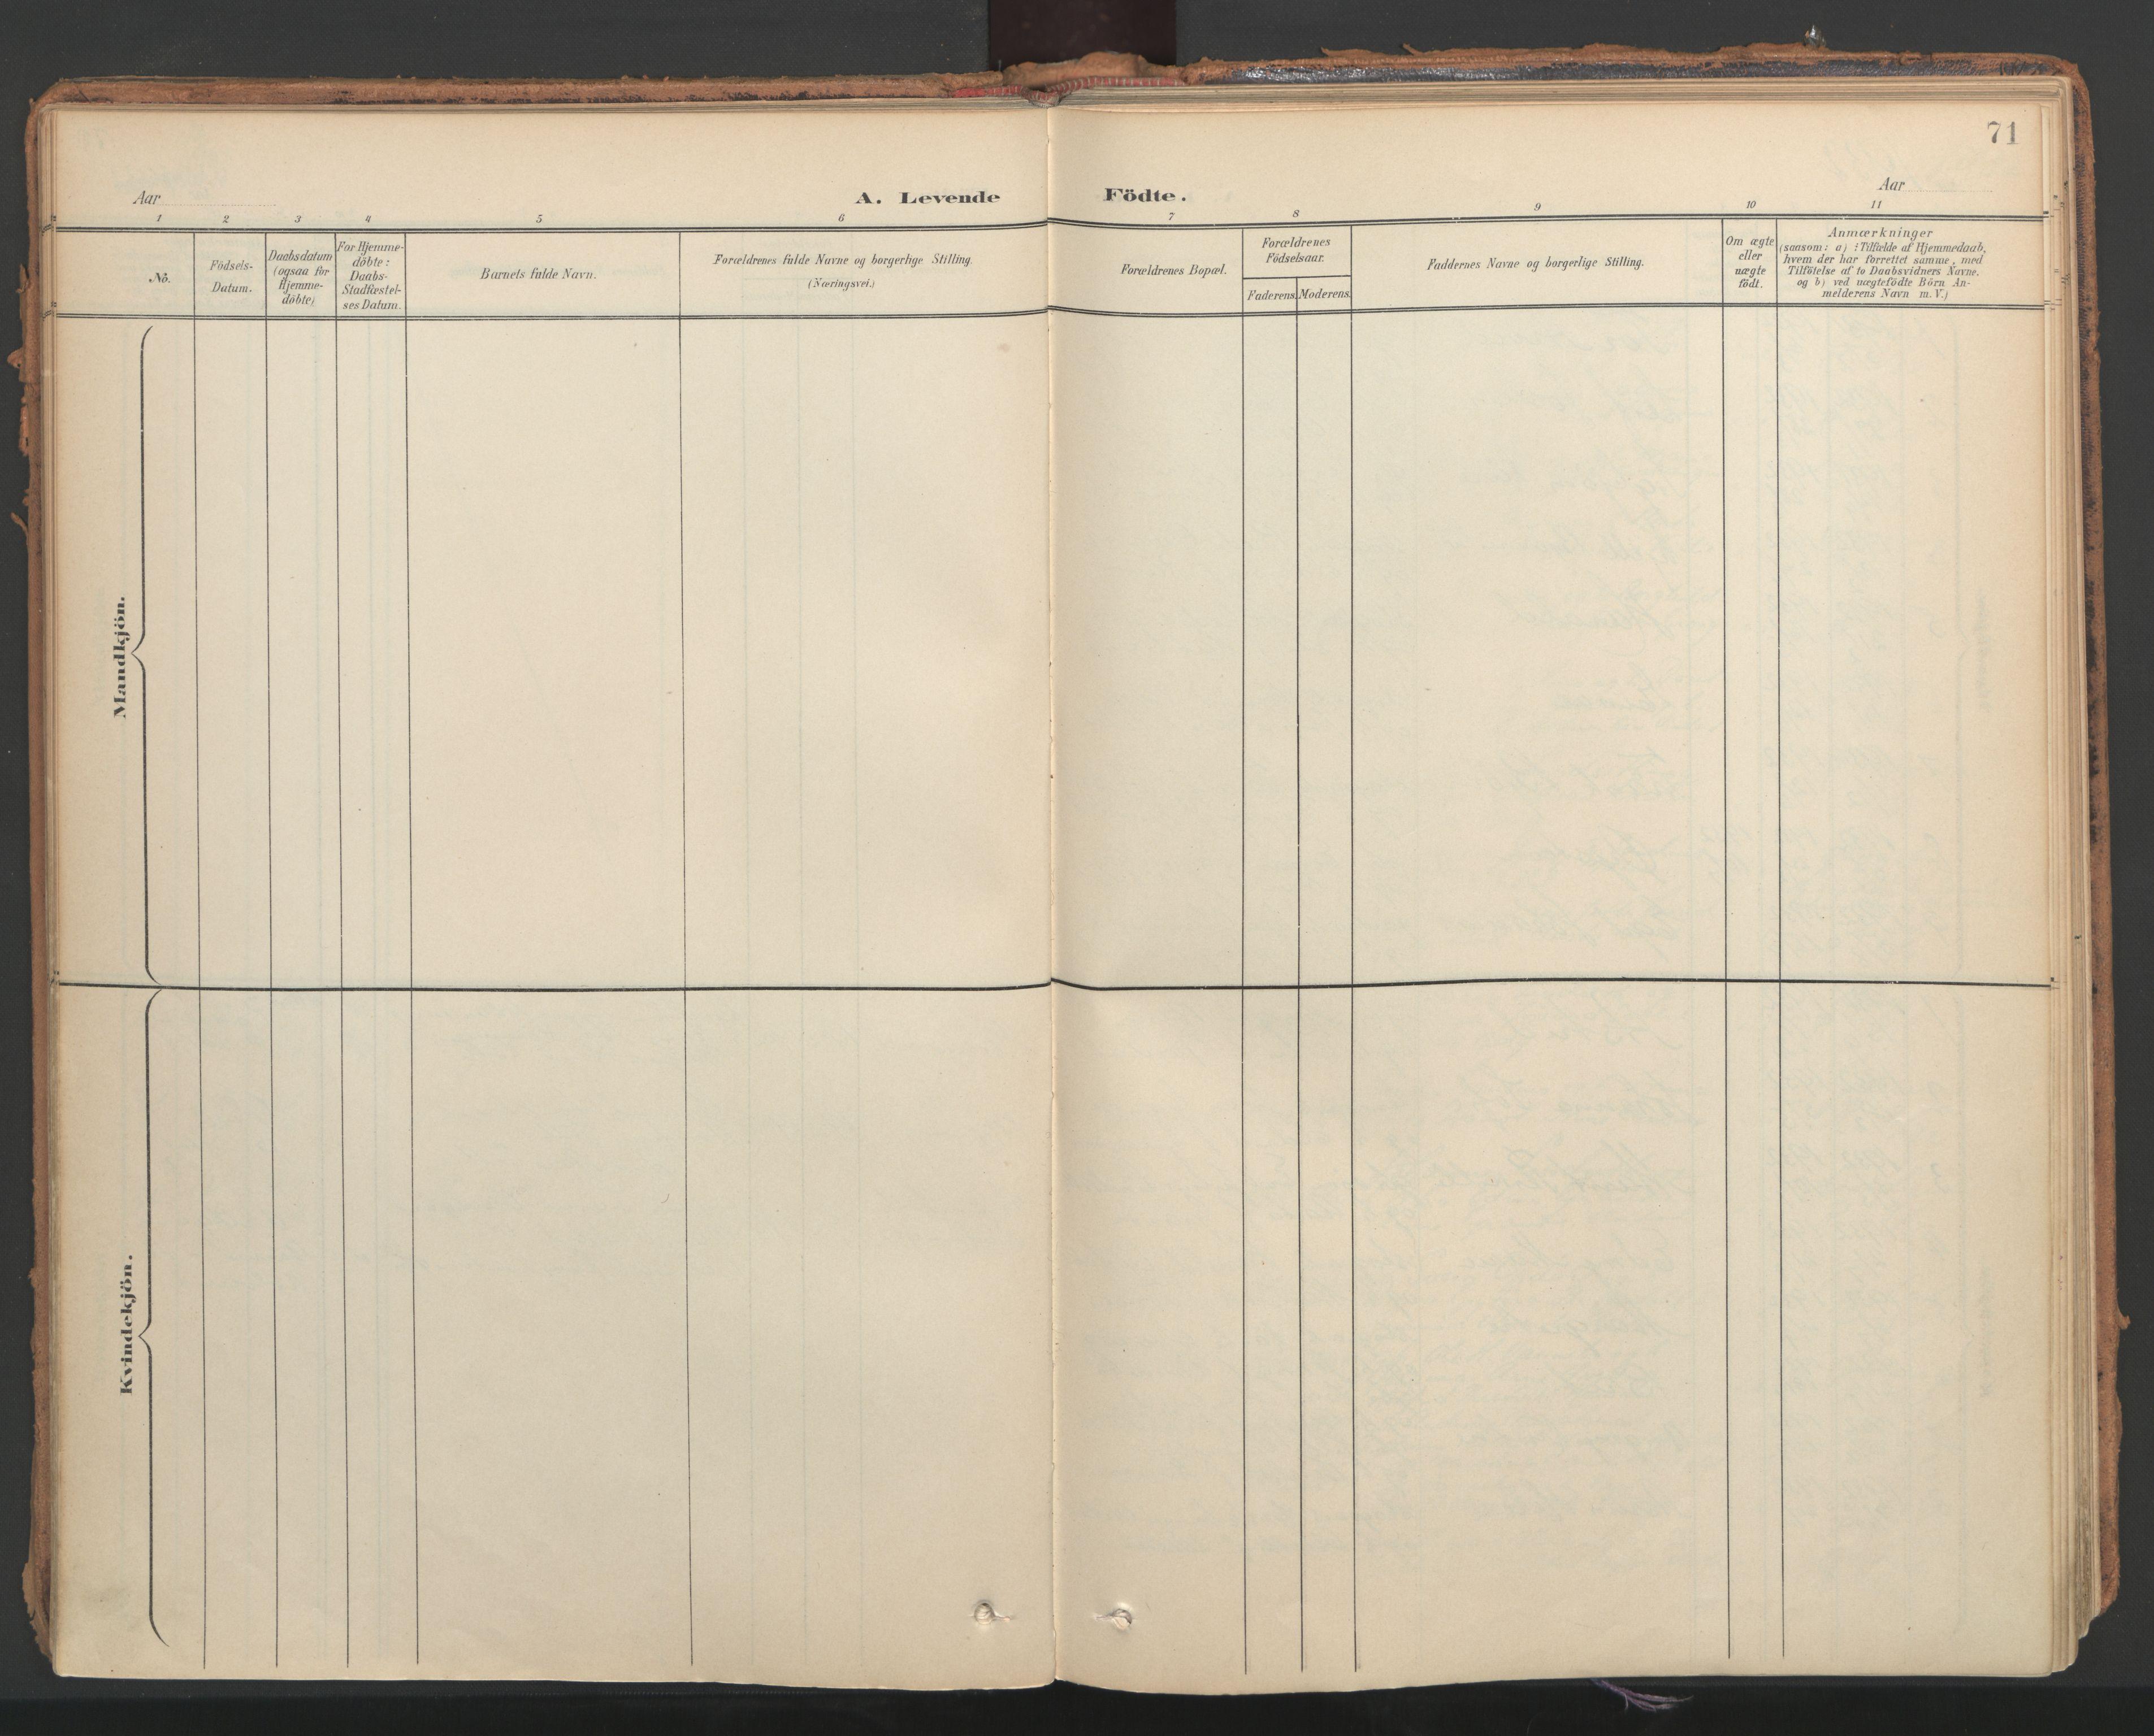 SAT, Ministerialprotokoller, klokkerbøker og fødselsregistre - Nord-Trøndelag, 766/L0564: Ministerialbok nr. 767A02, 1900-1932, s. 71